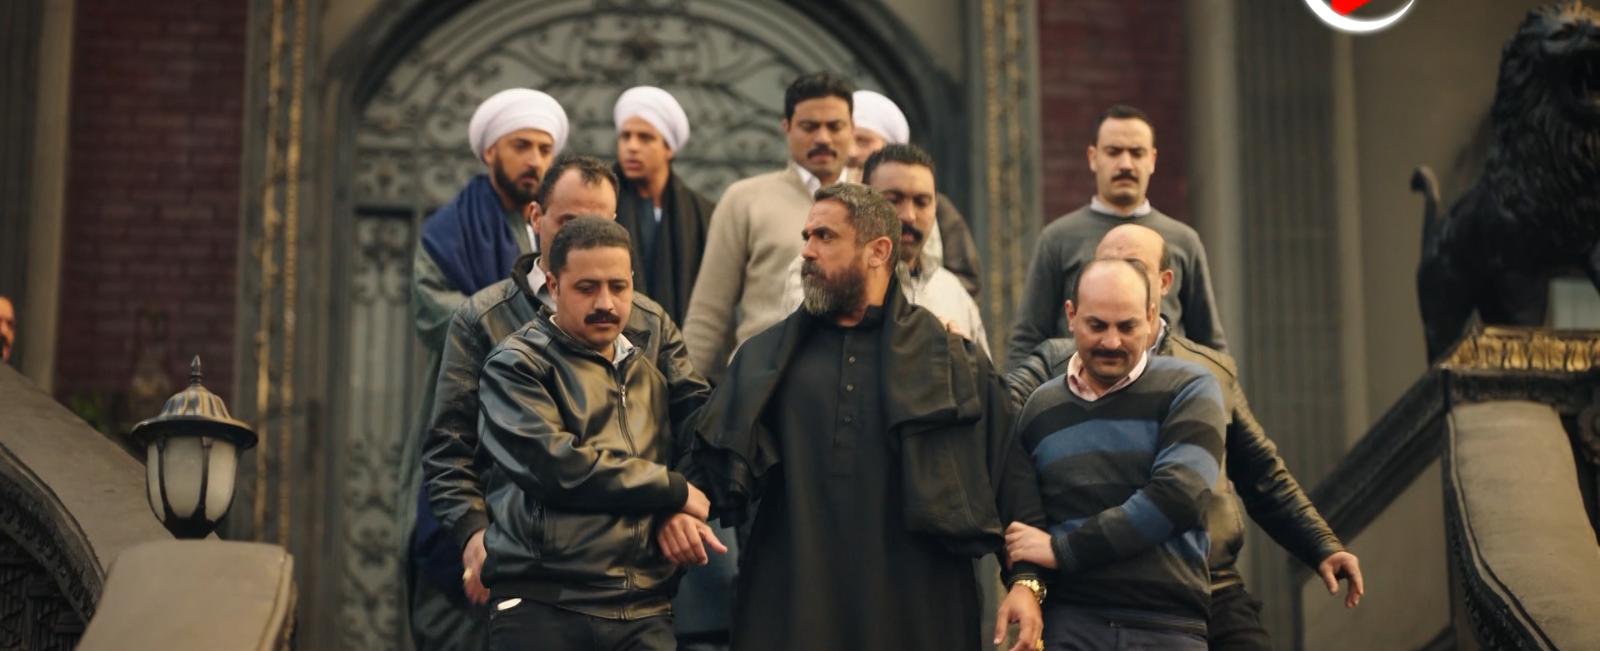 القبض على أمير كرارة بعد إيعازه بقتل فاطمة